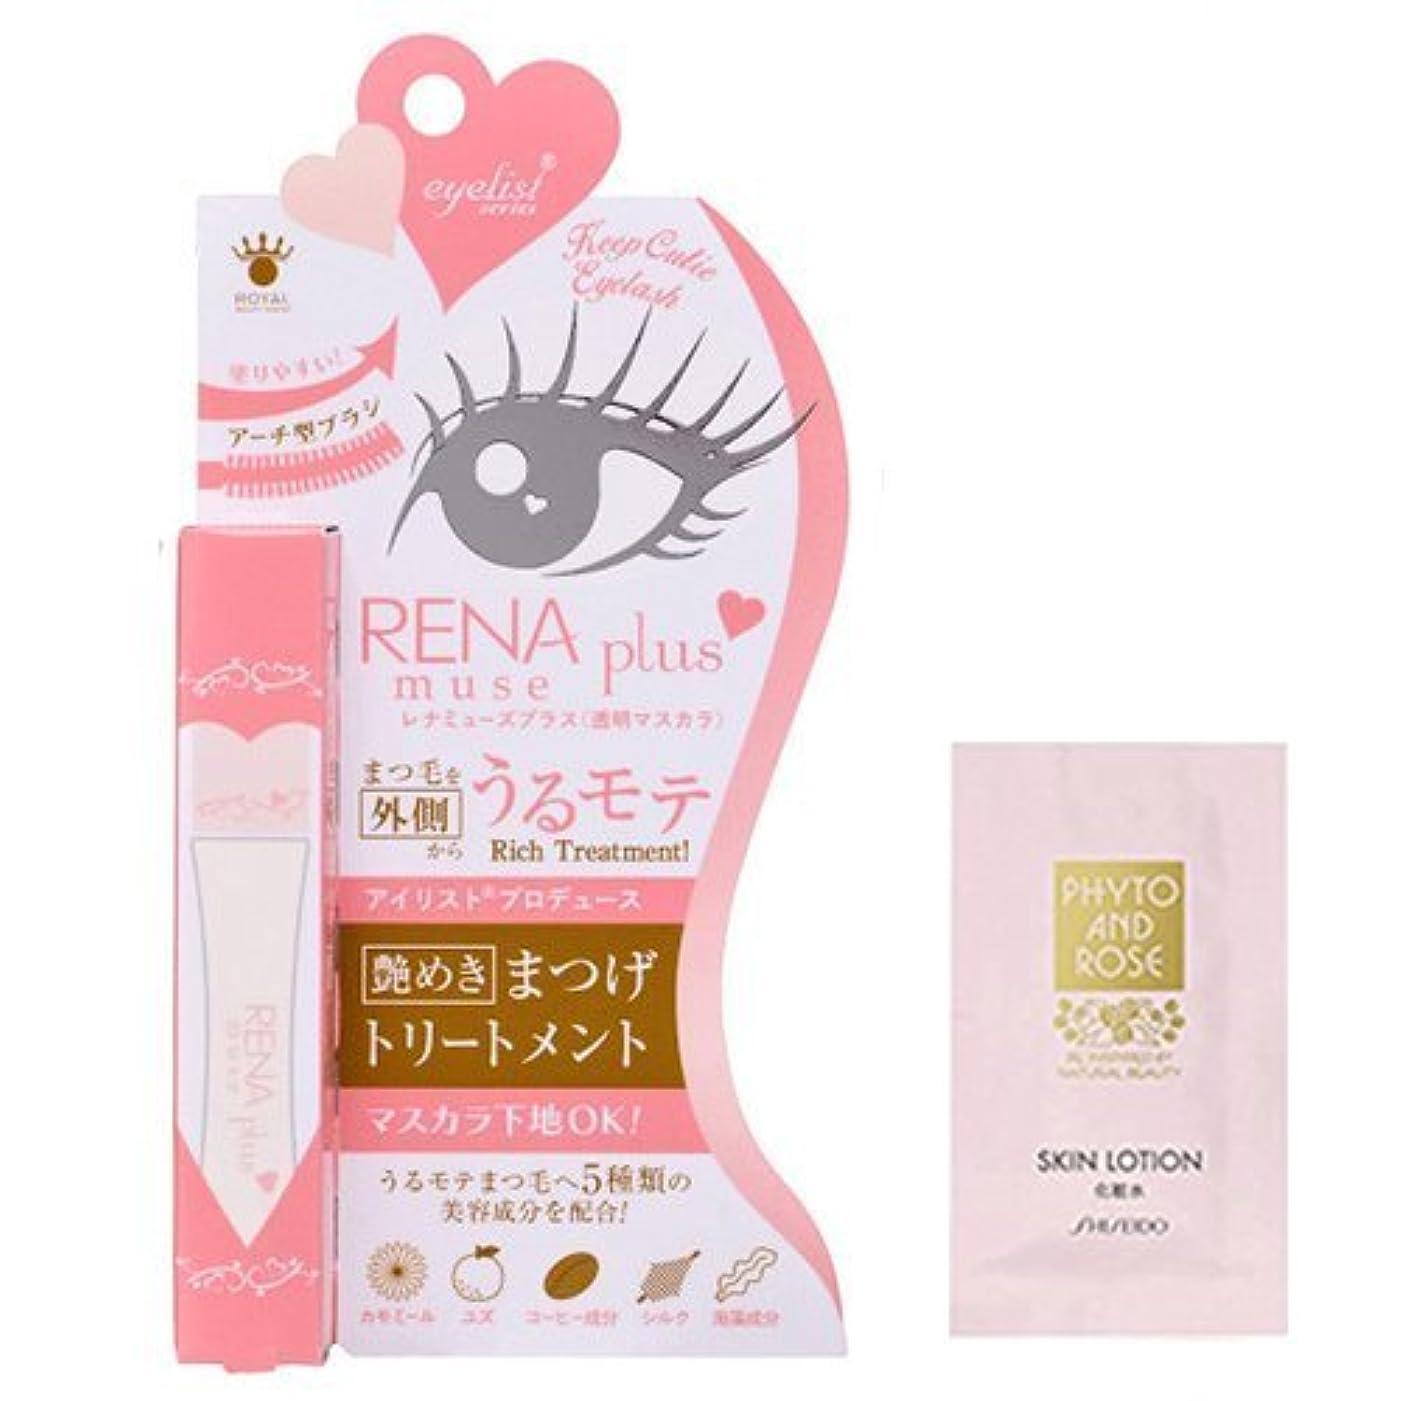 口ひげ承認マーカーアイリスト(eyelist) RENA muse plus(レナミューズプラス) 8g + 資生堂 フィトアンドローズ スキンローションパウチ 3ml 付き